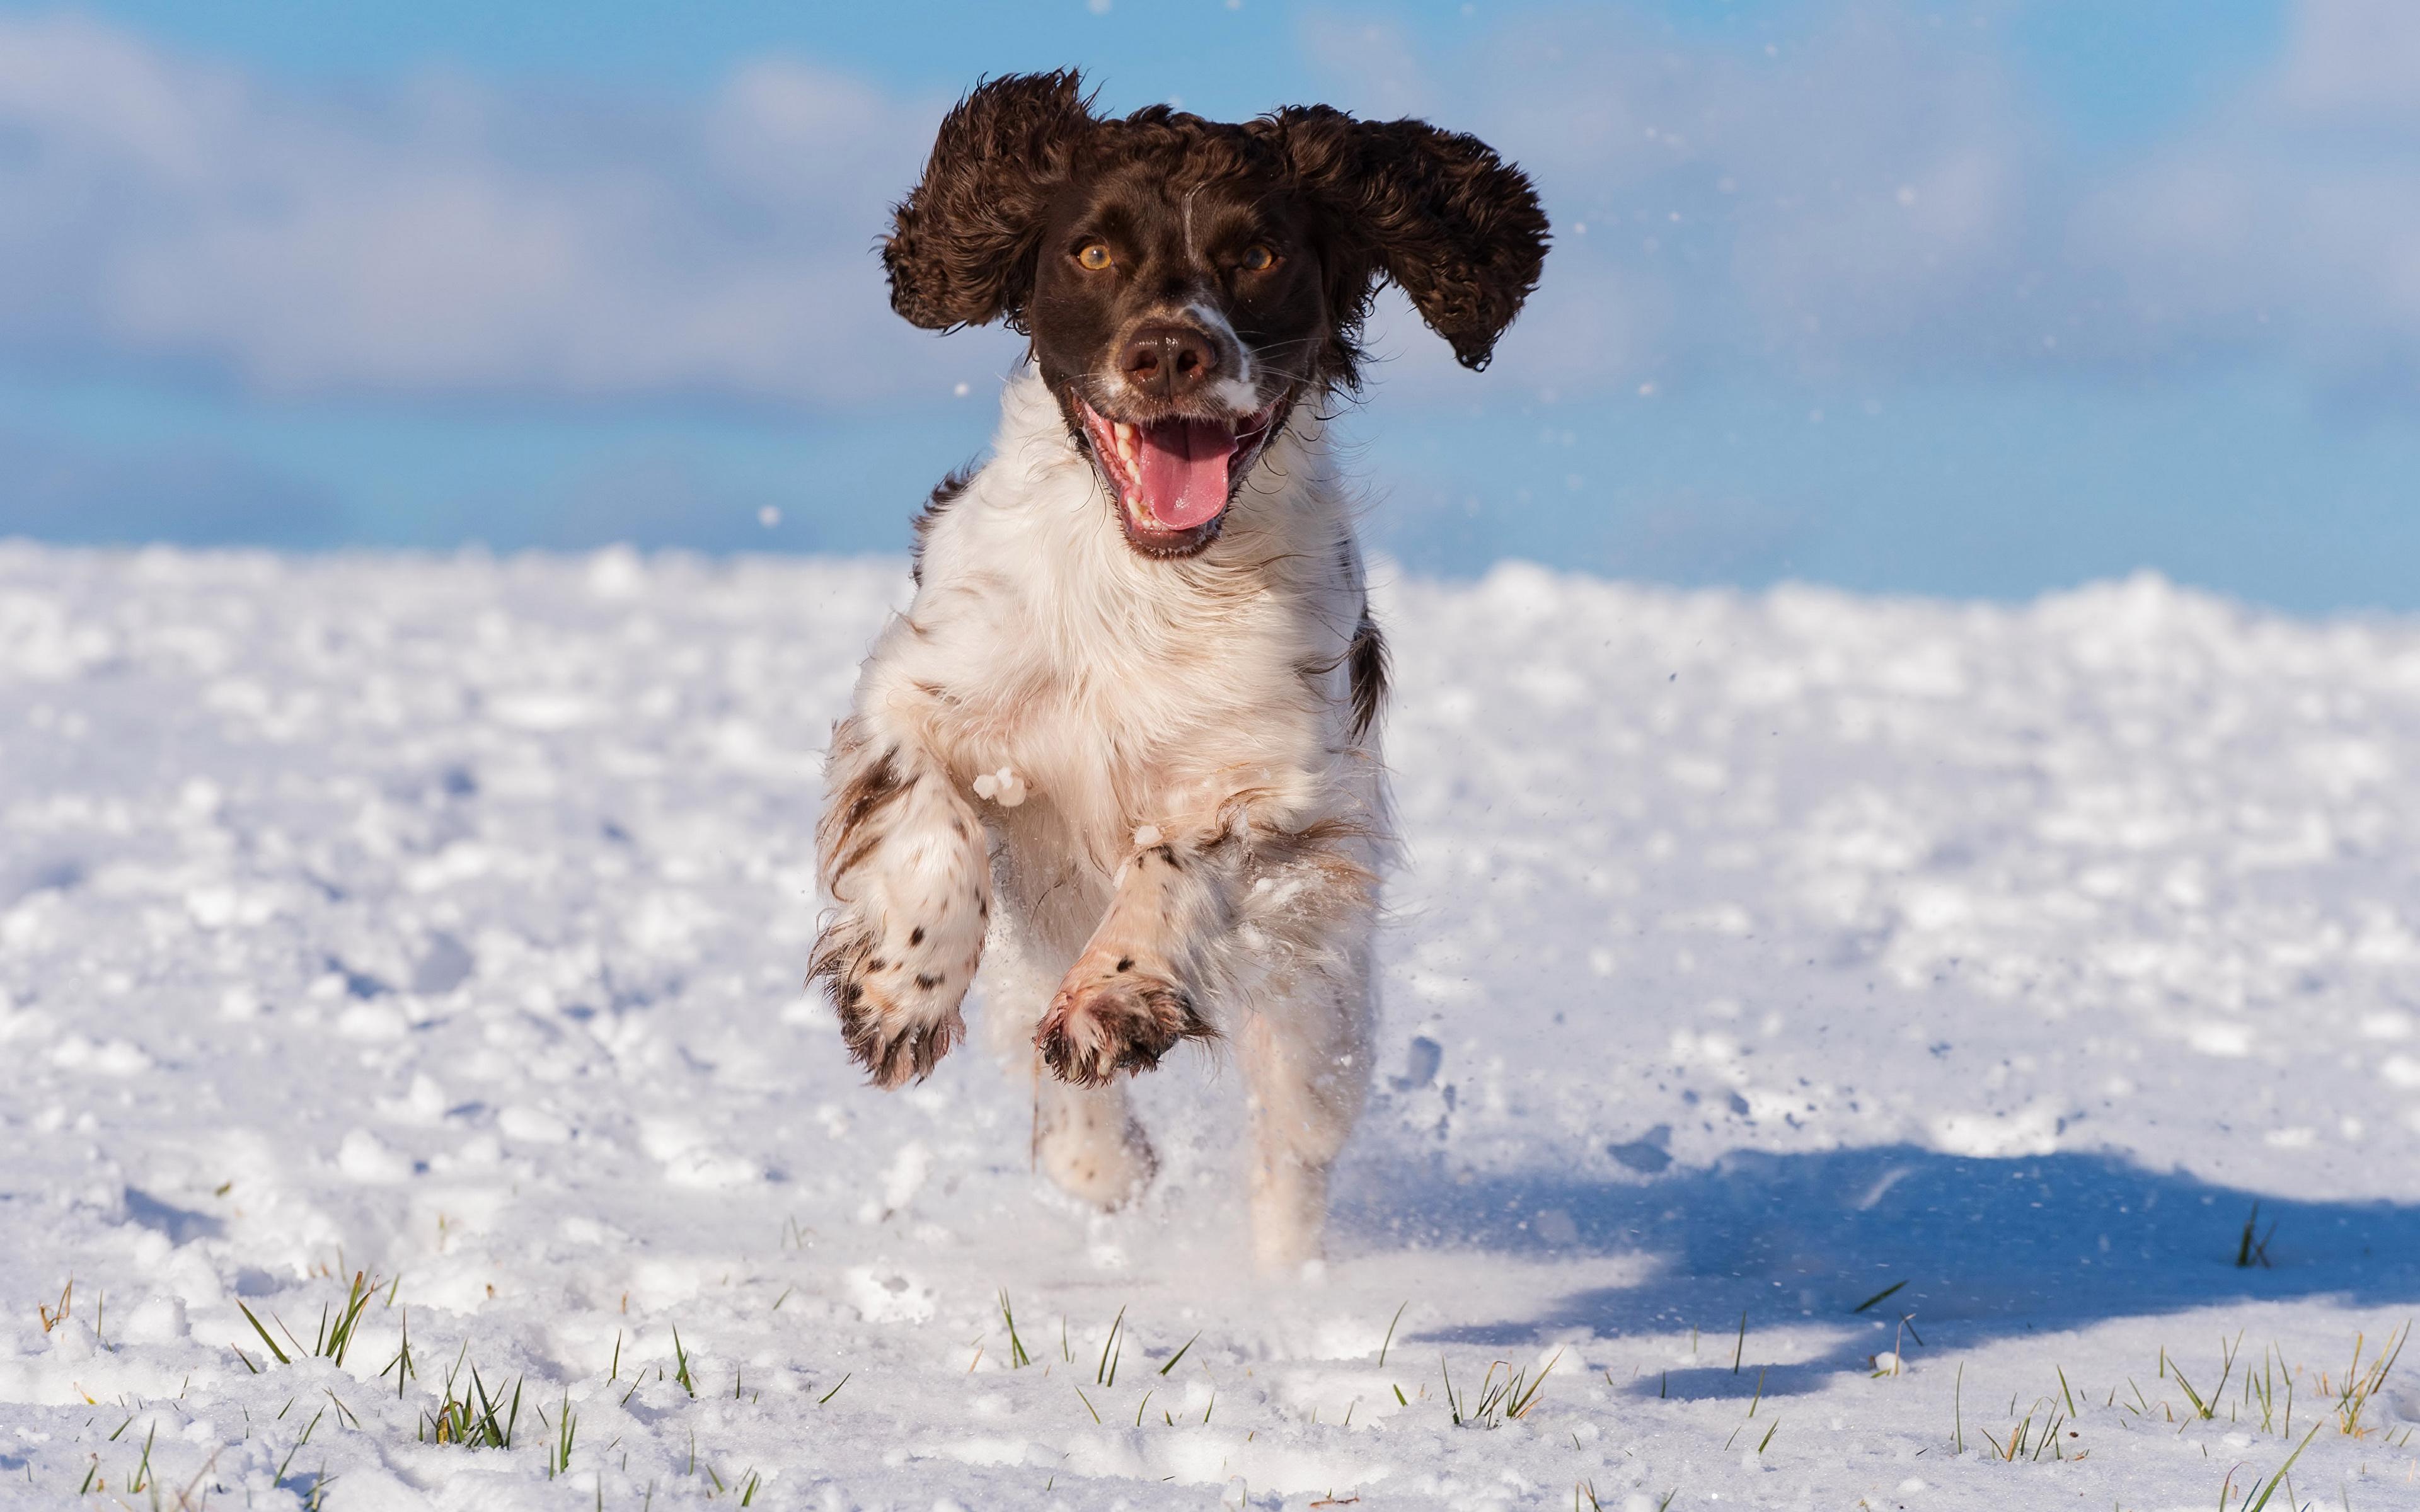 Hintergrundbilder Spaniel Hunde Laufsport cocker spaniel Schnee Tiere 3840x2400 Lauf Laufen